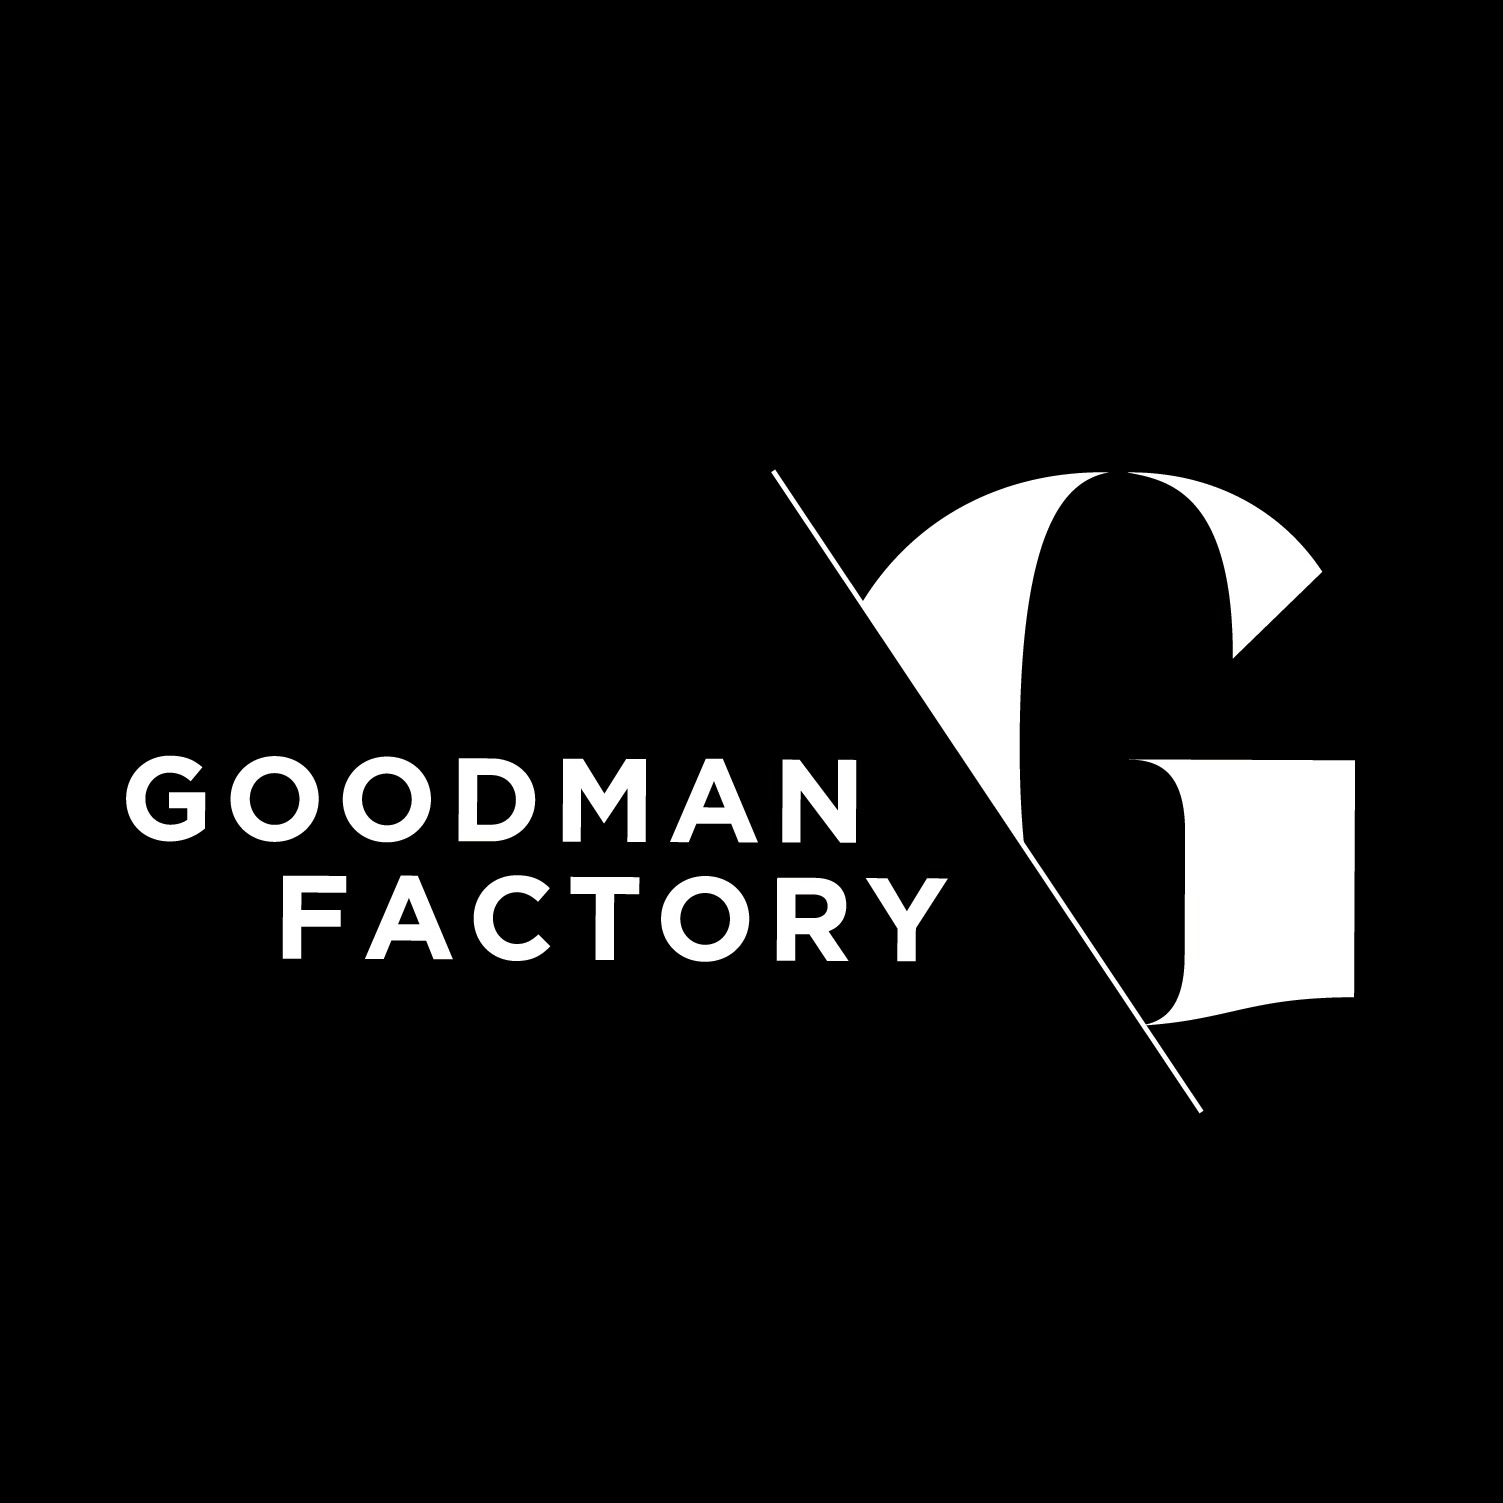 @goodmanfactory Profile Image | Linktree